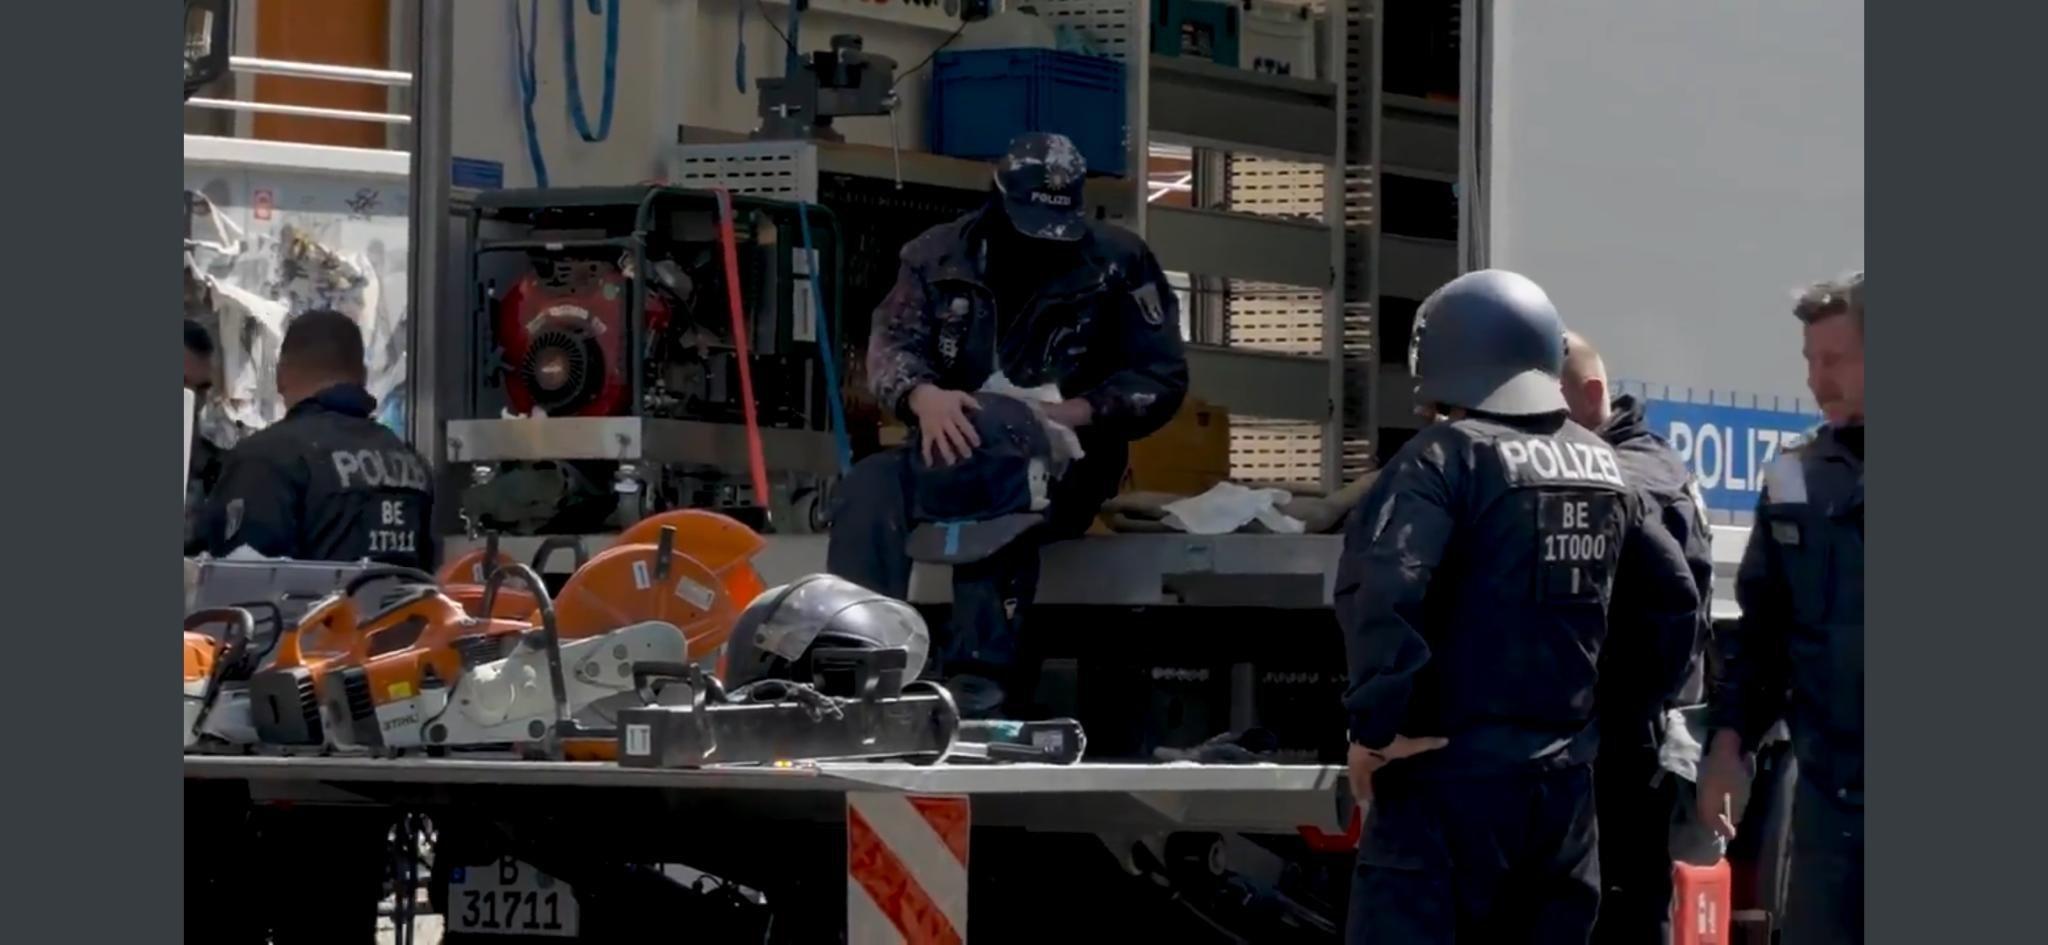 Blick in einen Laster mit Ausrüstung, mehrere Cops in Riot-Ausrüstung stehen davor